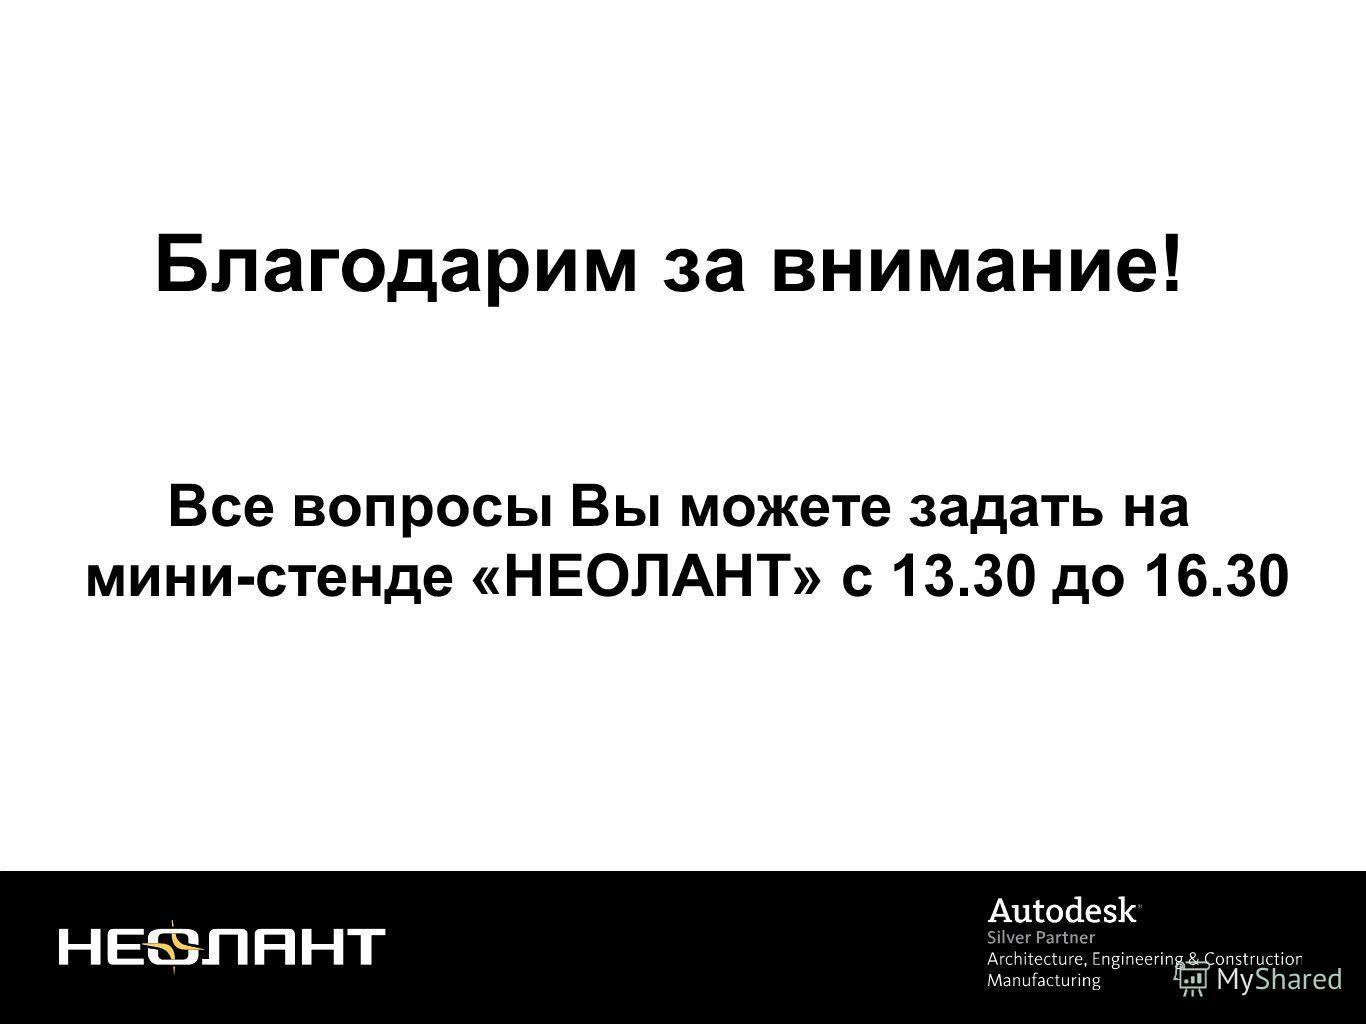 Благодарим за внимание! Все вопросы Вы можете задать на мини-стенде «НЕОЛАНТ» с 13.30 до 16.30